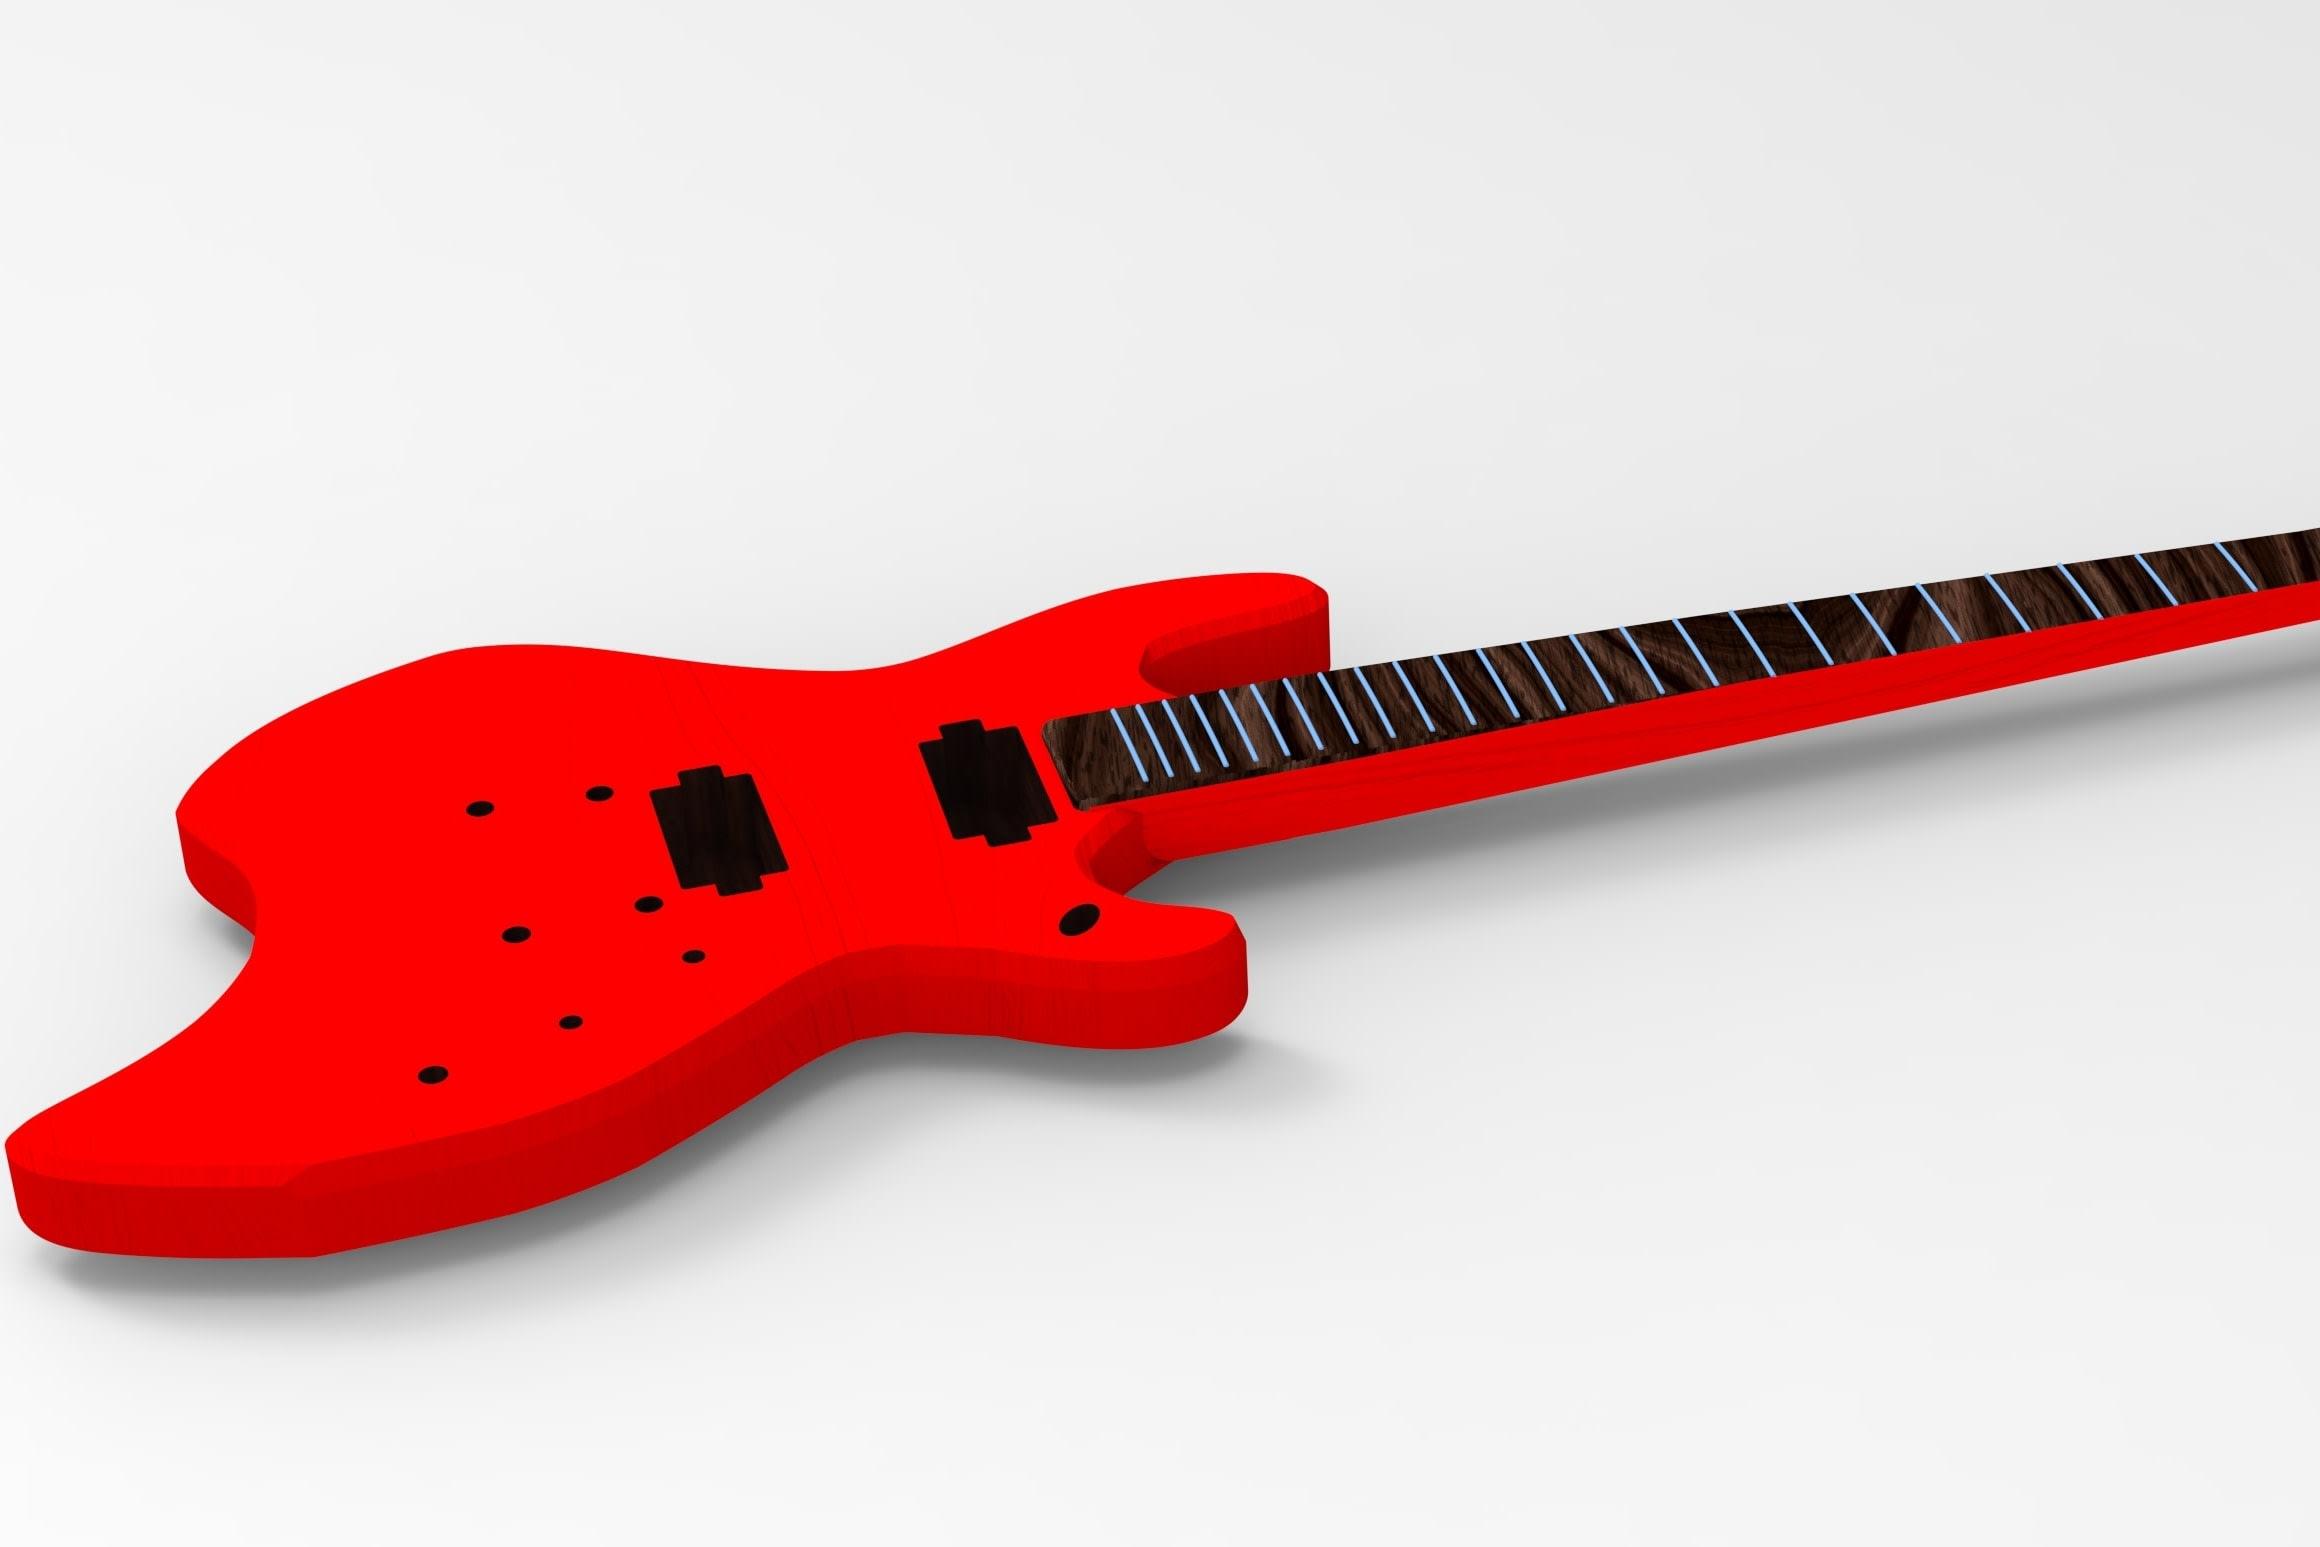 Portfolio for 3D CAD modeling